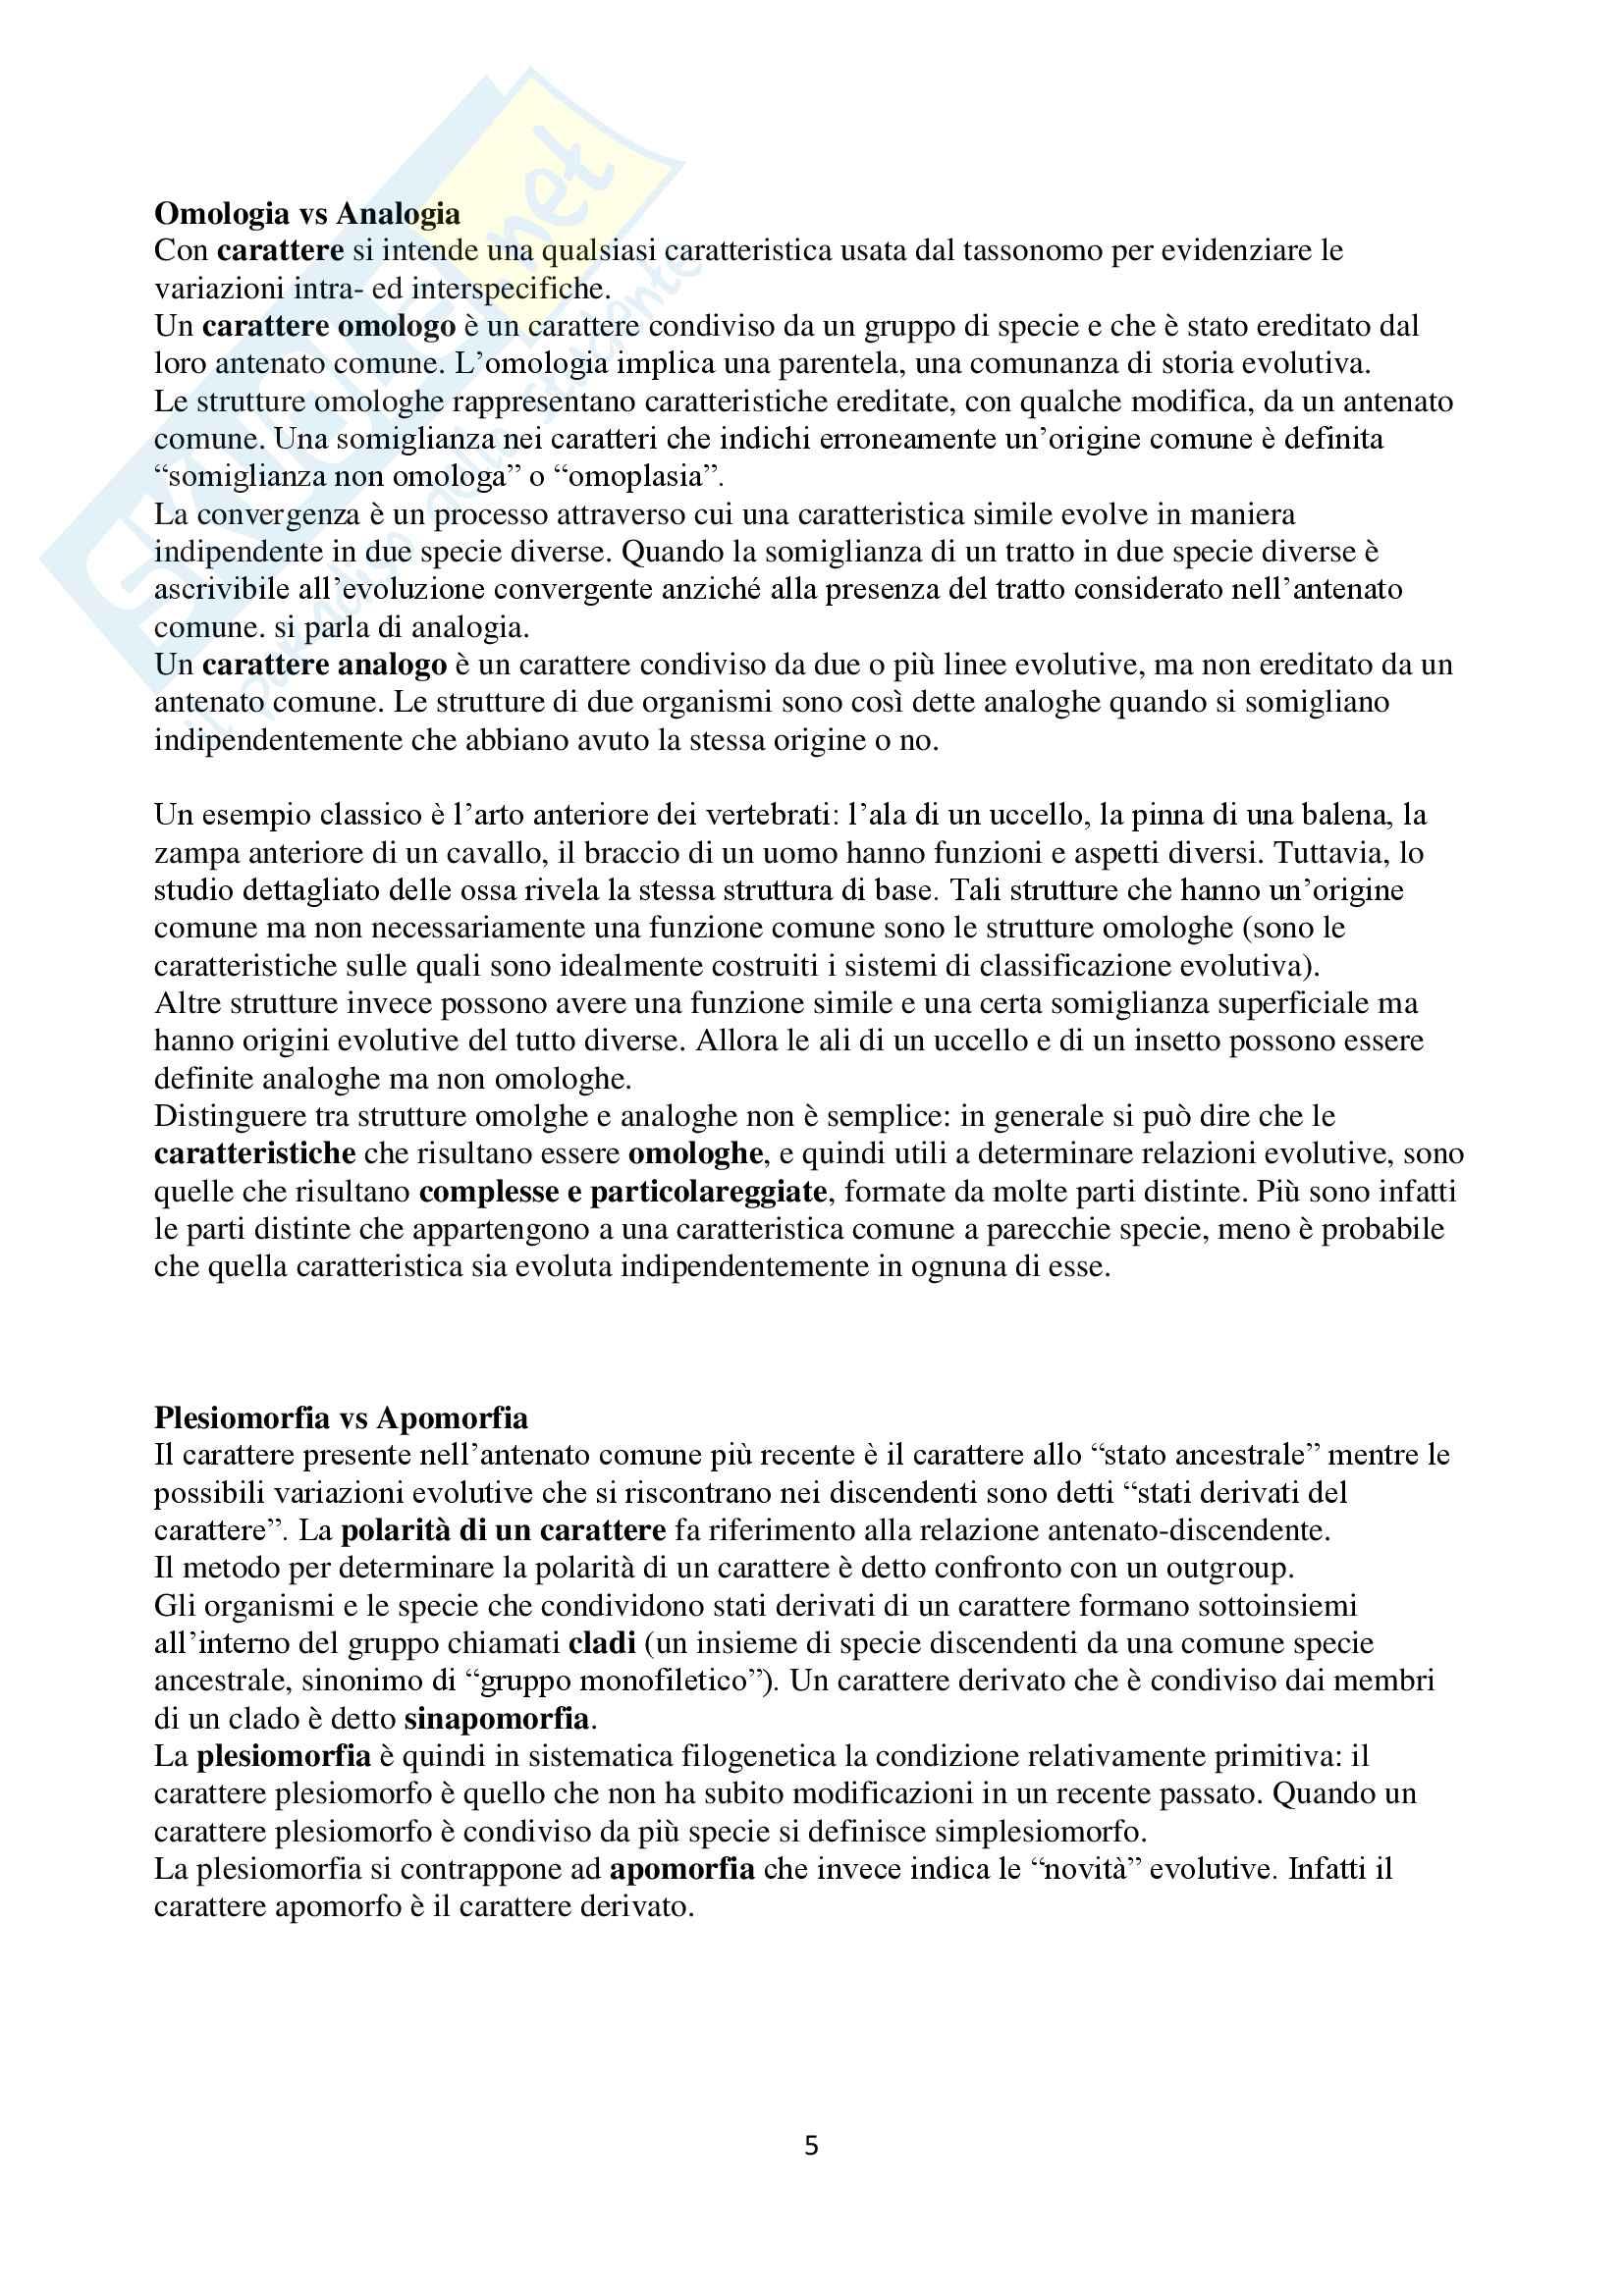 Appunti di Zoologia per l'esame del corso di laurea triennale in Scienze Biologiche (Università Milano Bicocca) Pag. 6